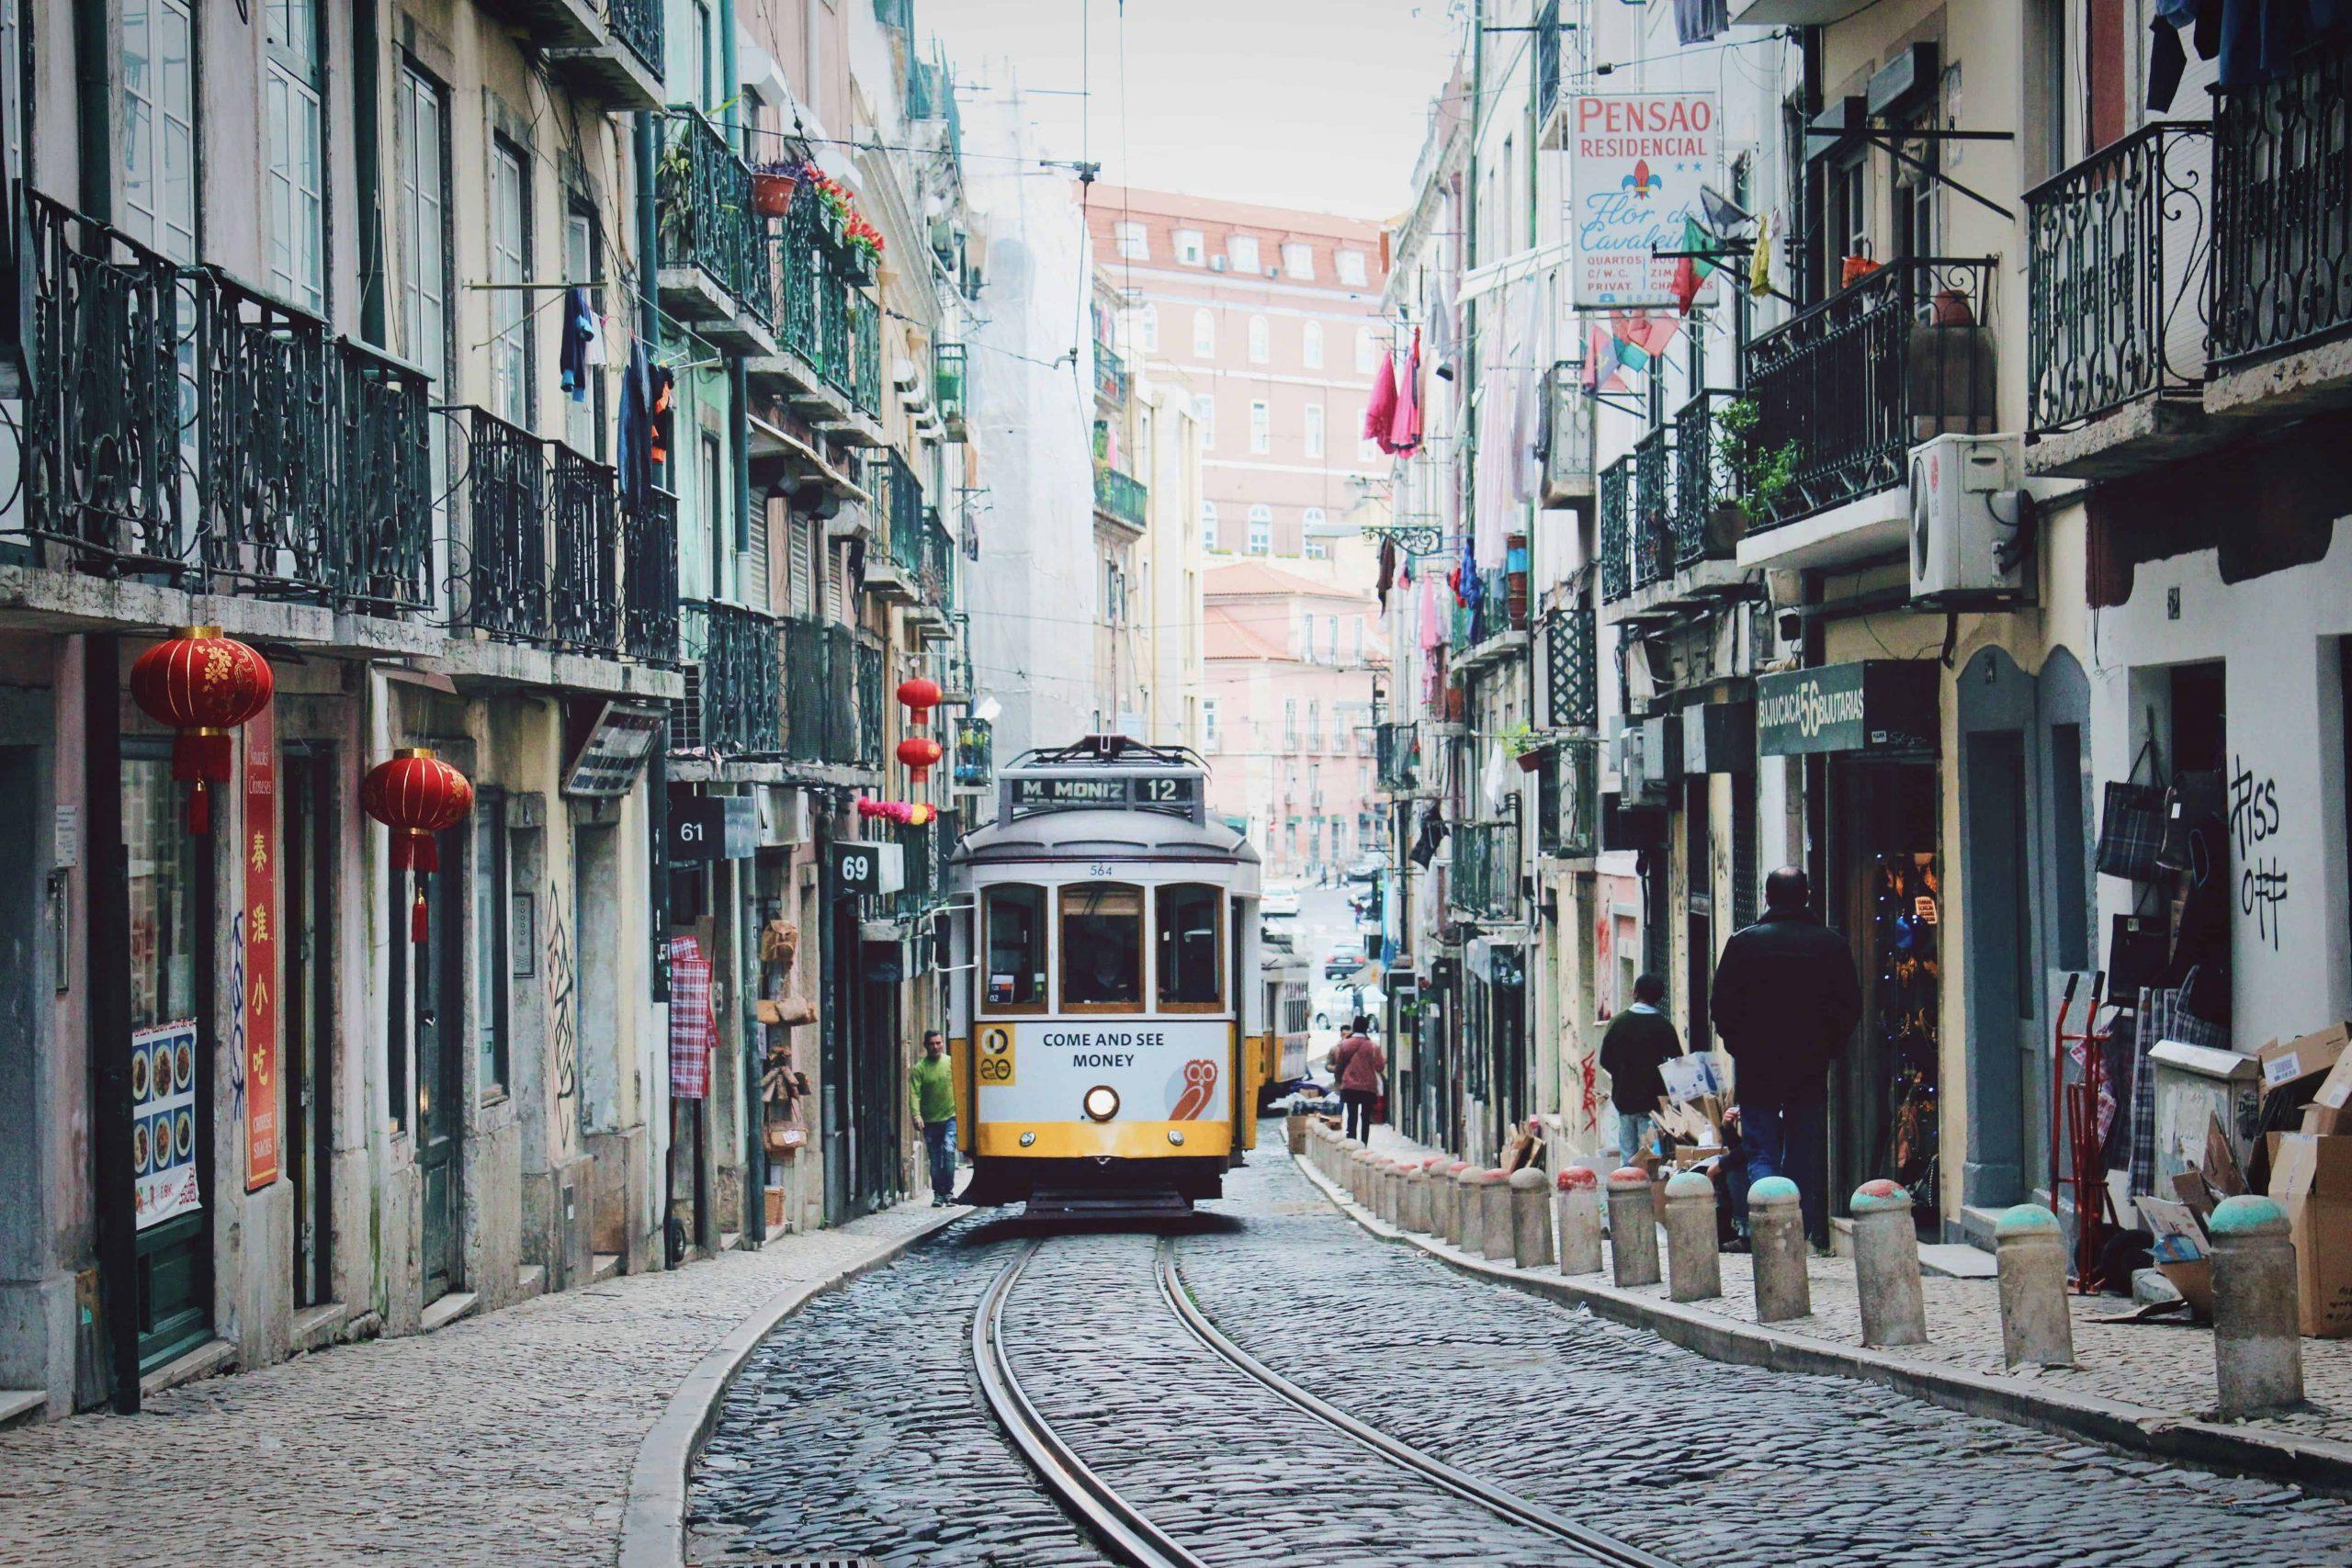 Quoi visiter à Lisbonne pendant une escale de 12 heures